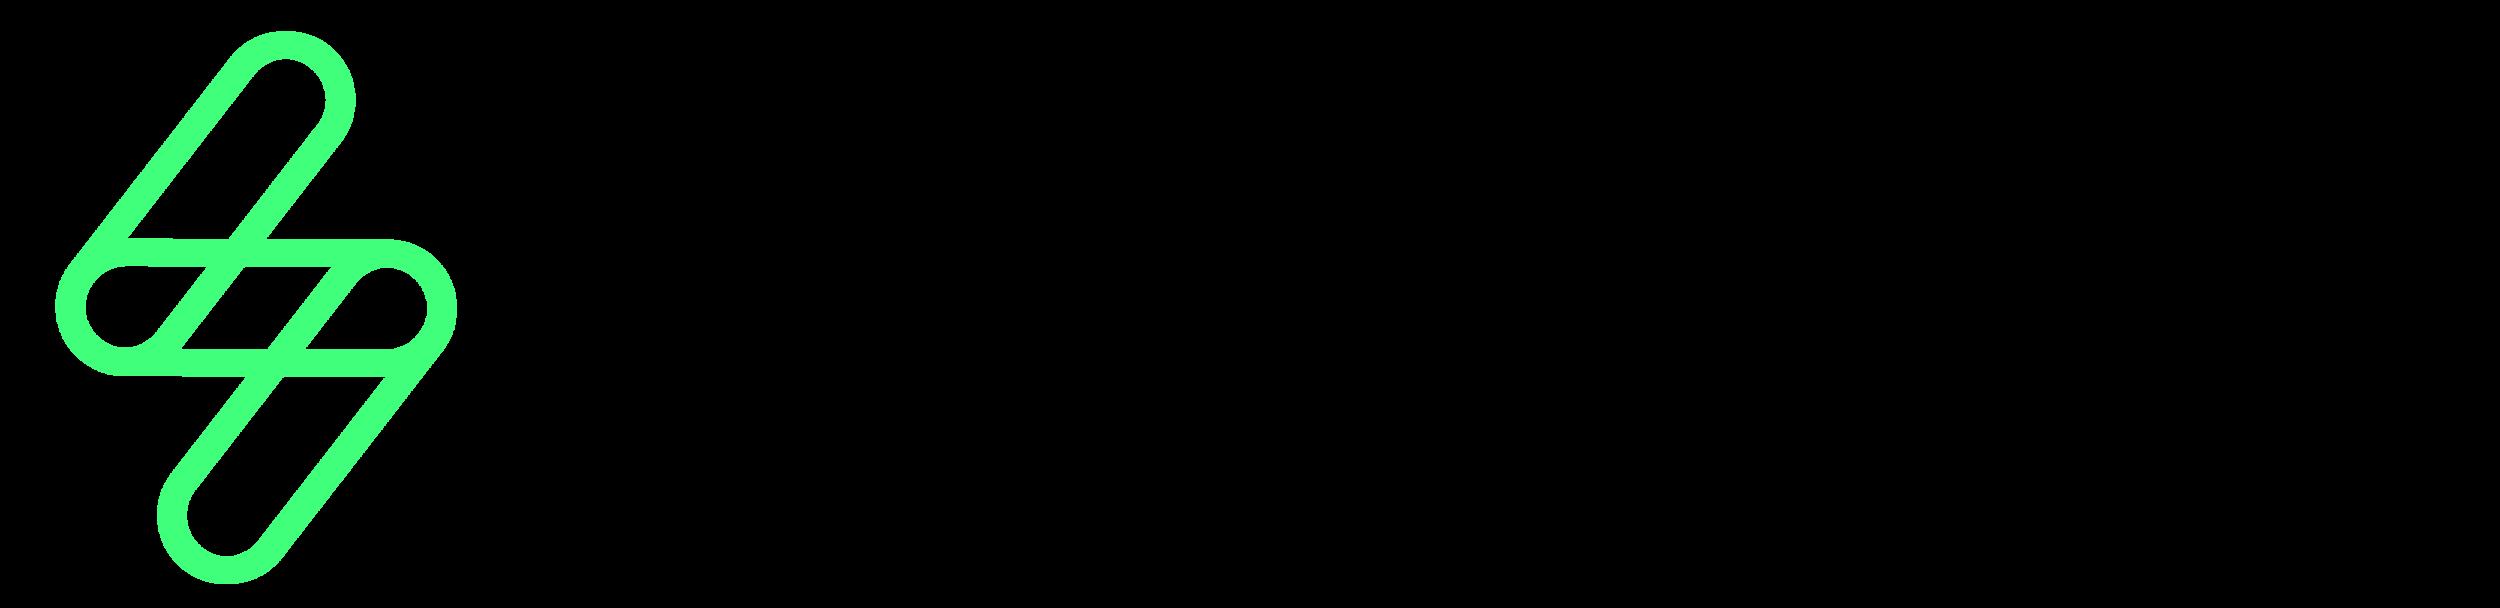 Myenergi.png